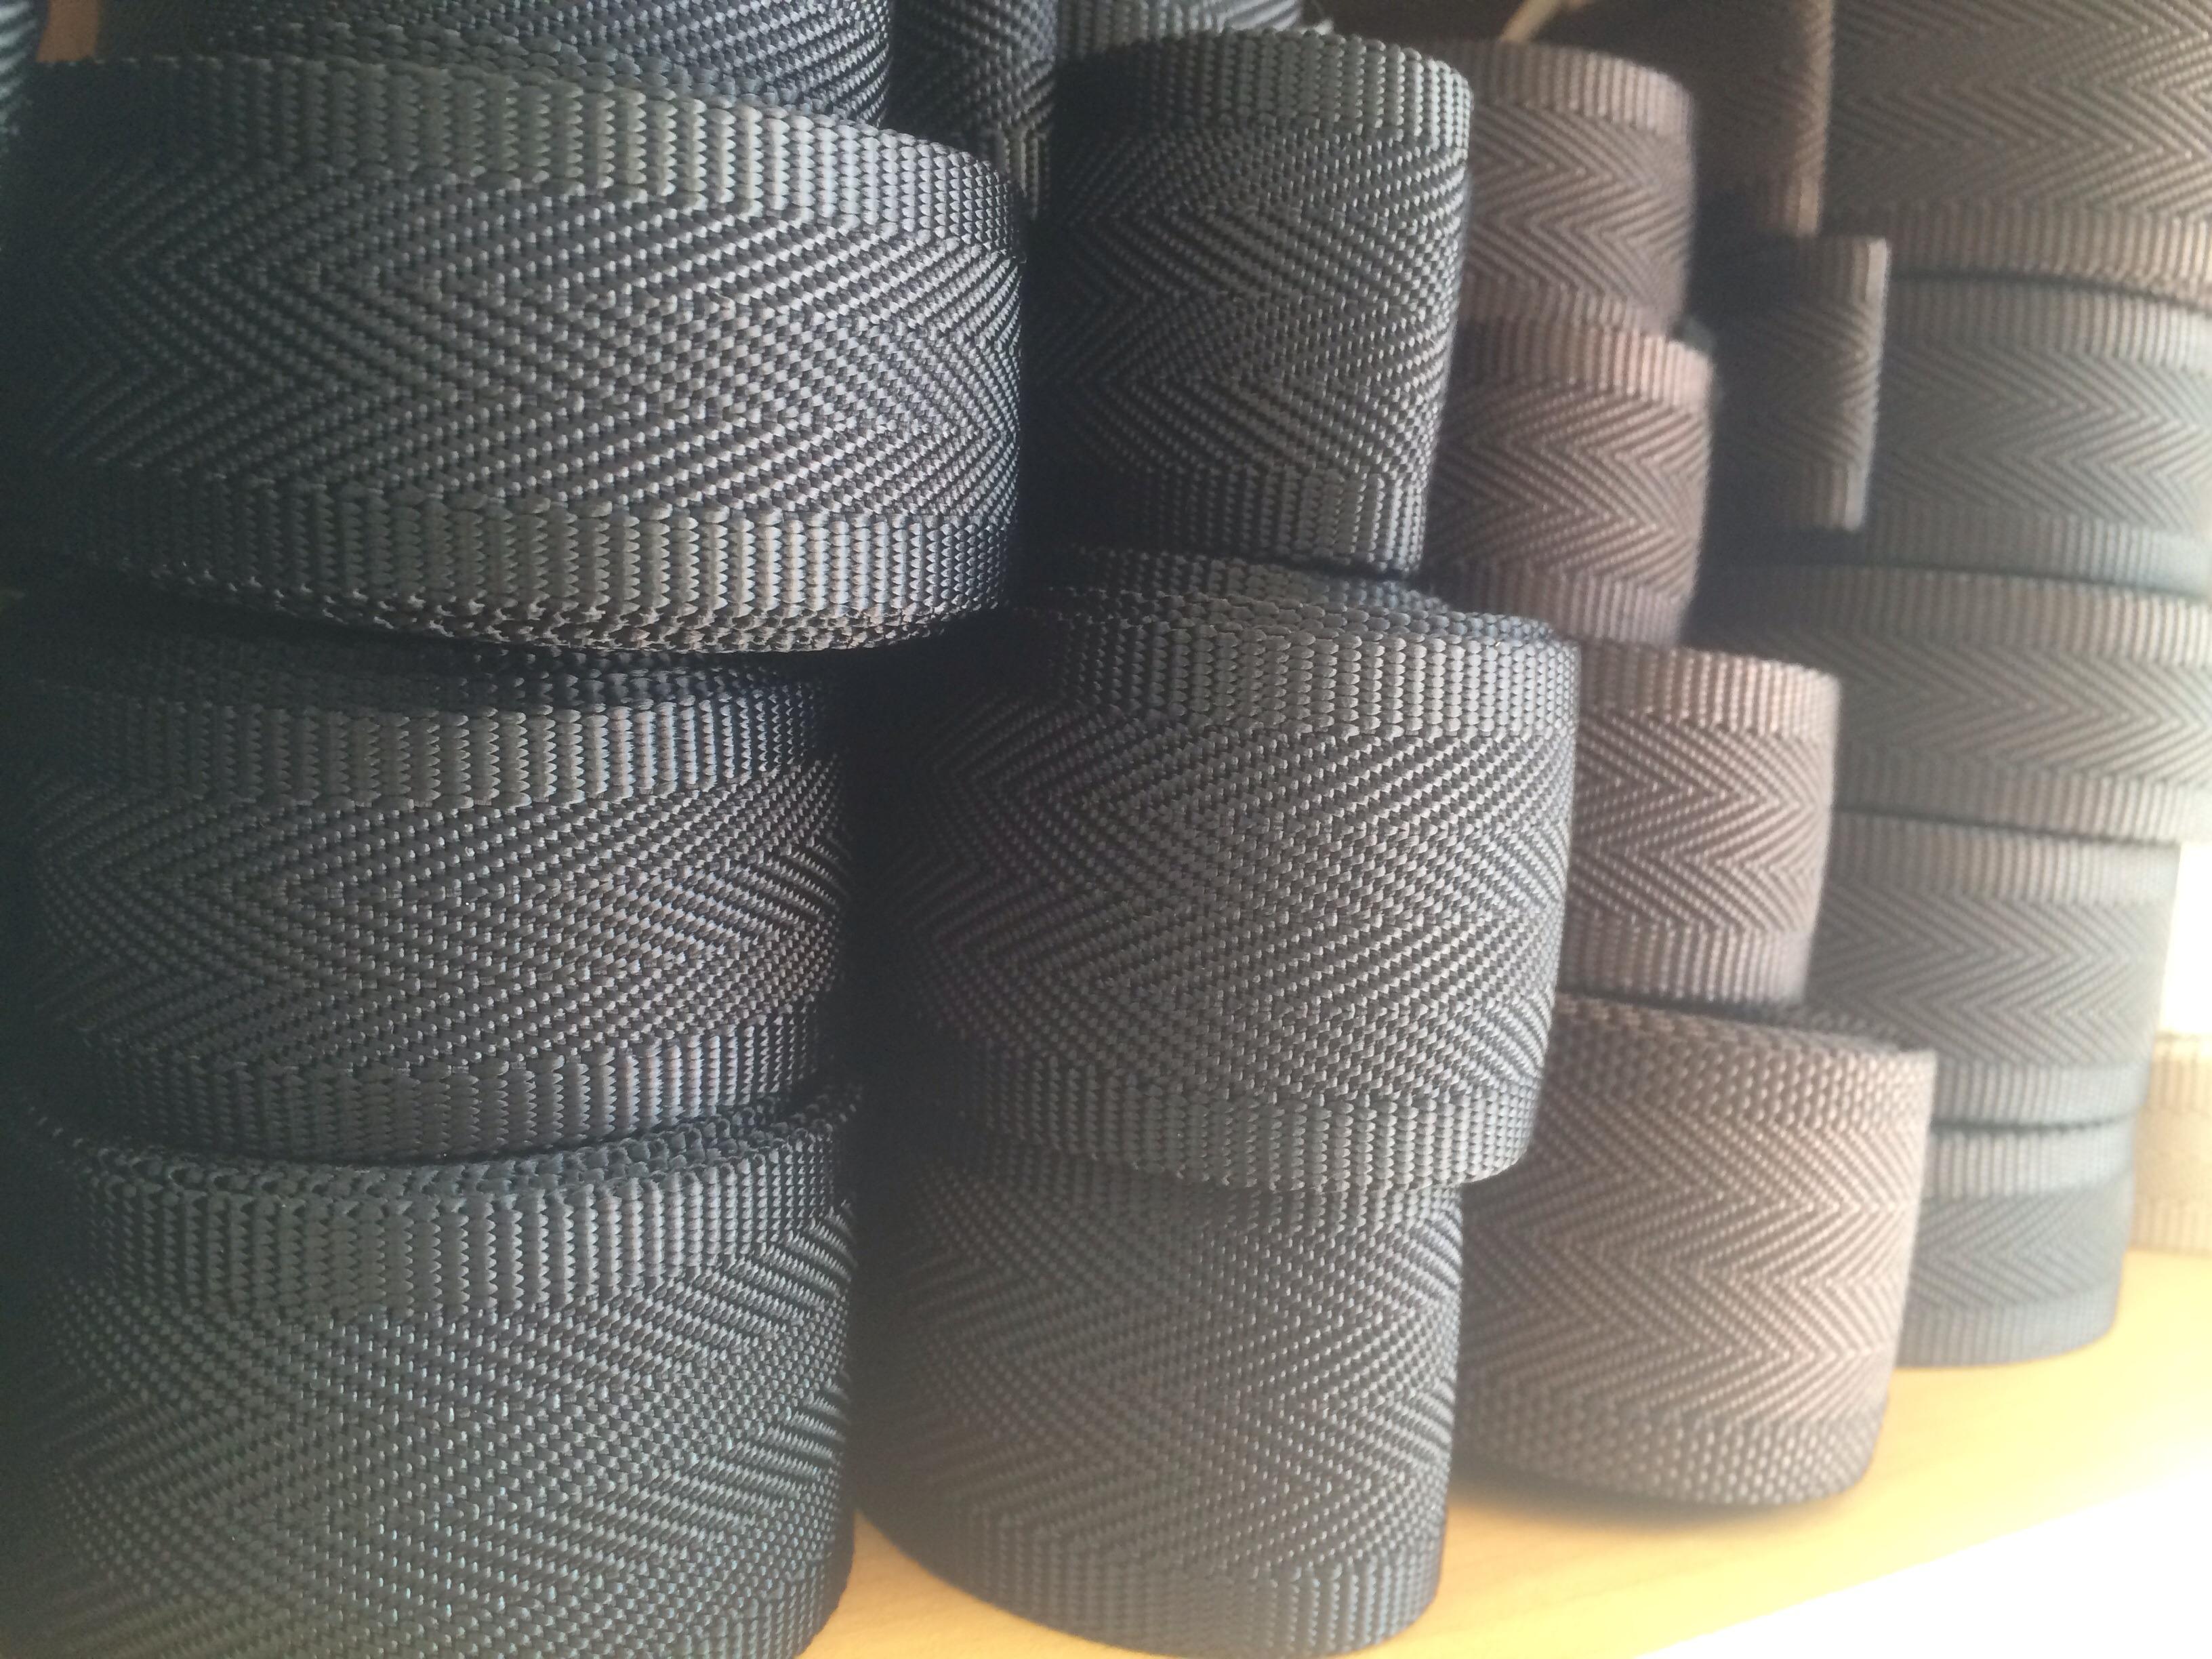 ナイロン 耳付ヘリンボン織 25mm幅 1反(50m) 黒